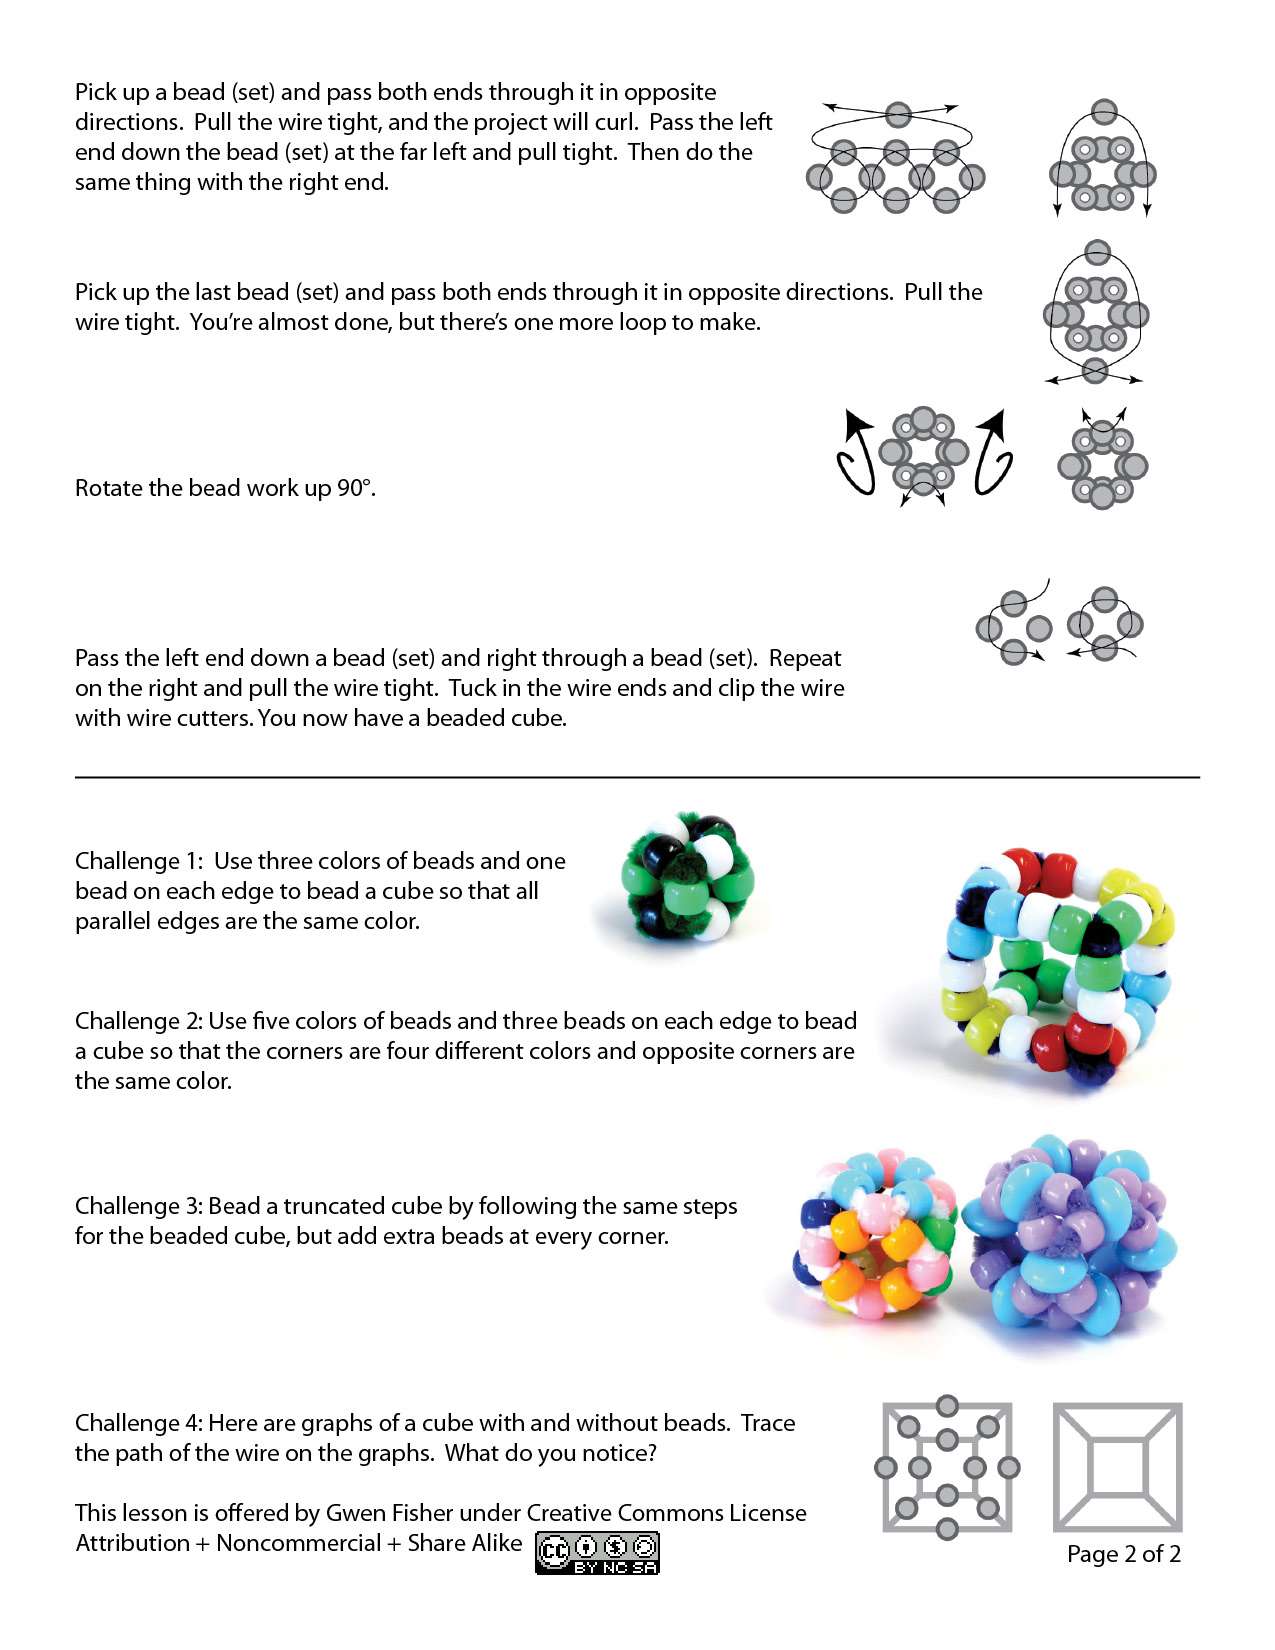 beadgeometry2